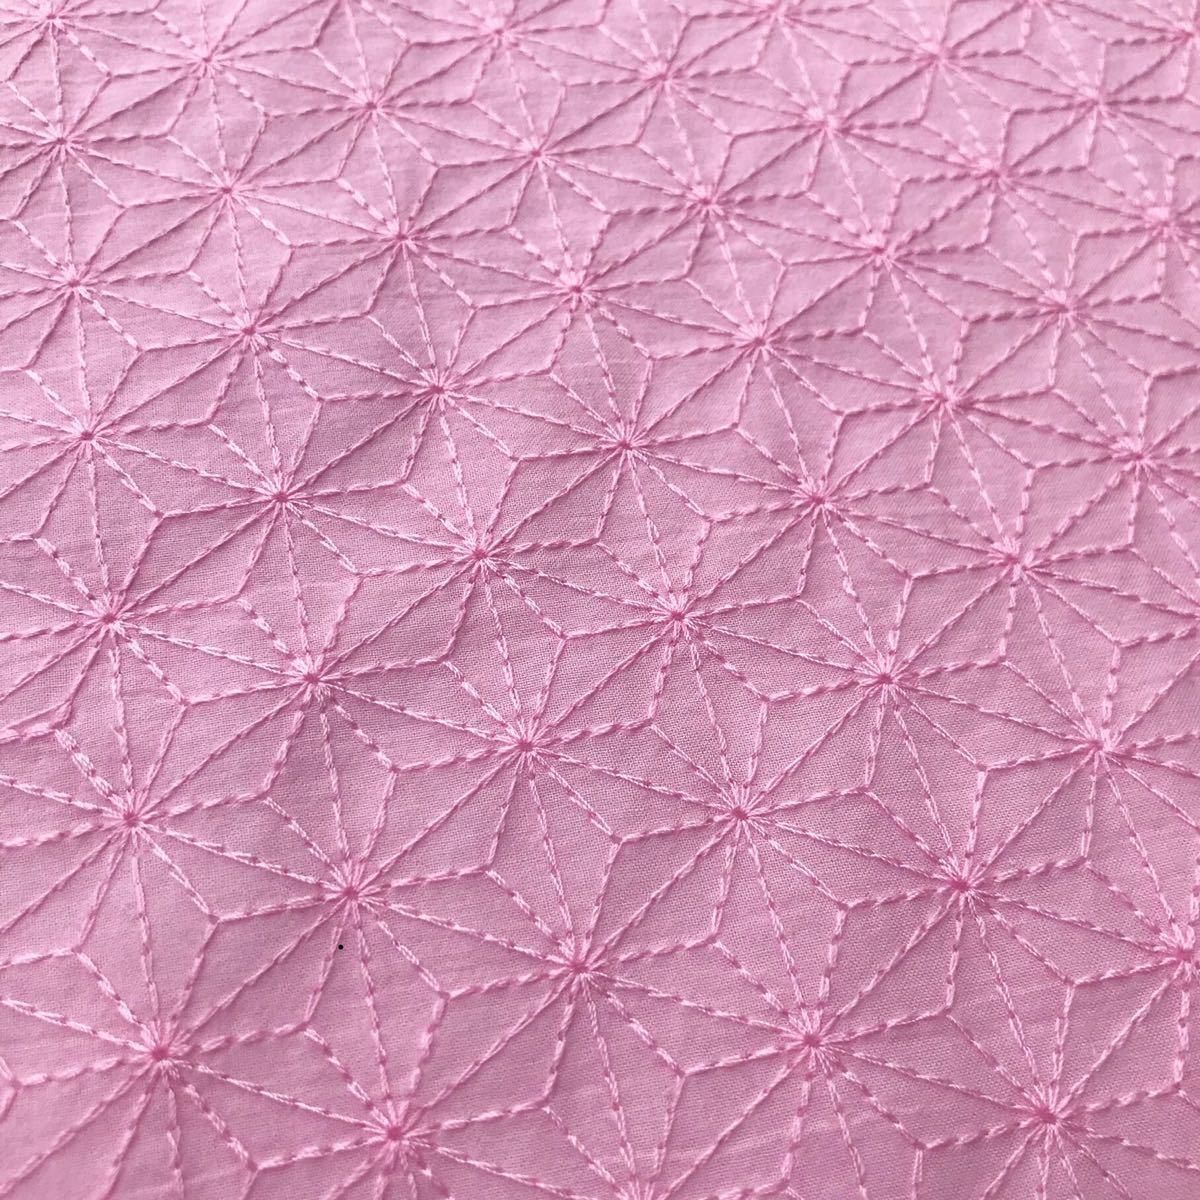 コットンレース 綿 刺繍生地 はぎれ 和柄 ハンドメイド 布 ハギレ 鬼滅の刃